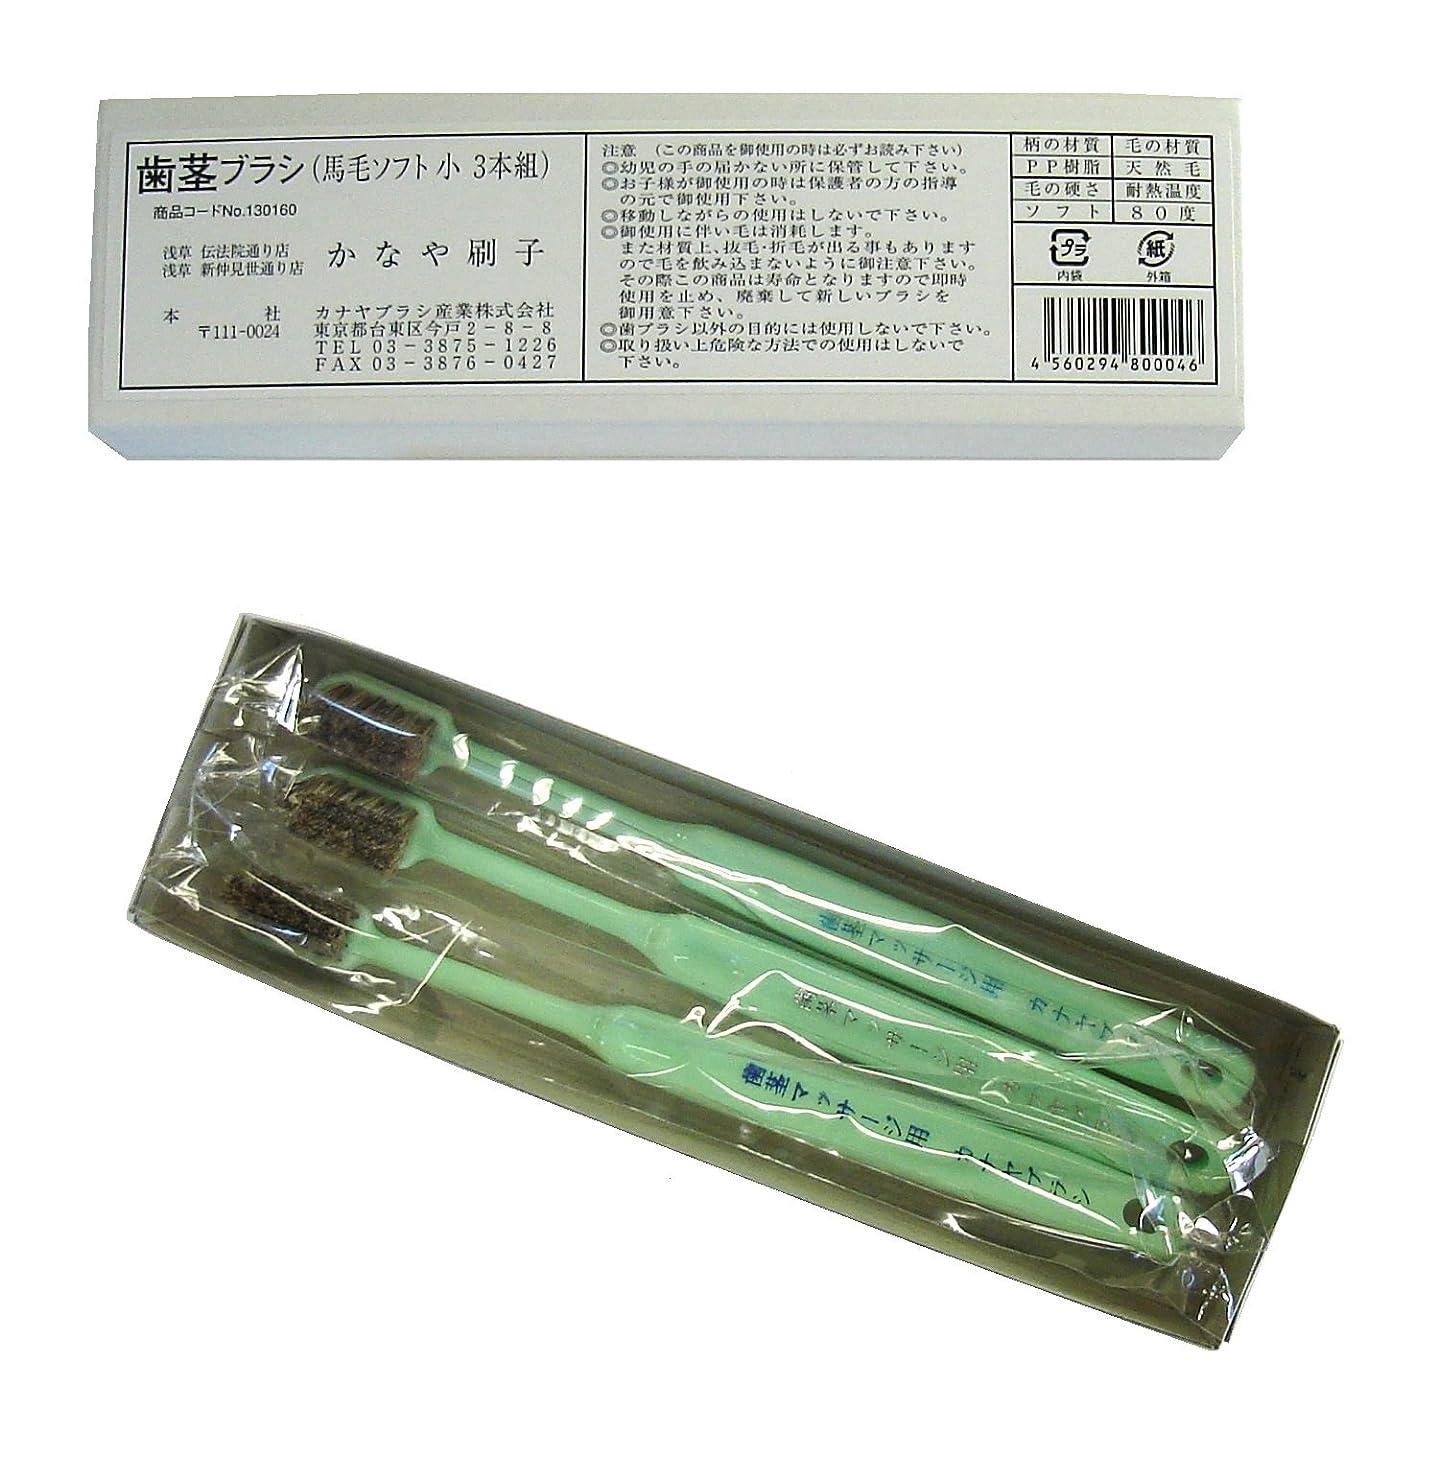 アセ想像するあざ馬毛歯茎ブラシ(3本入り) 絶品! カナヤブラシ製品 毛質:超ソフト